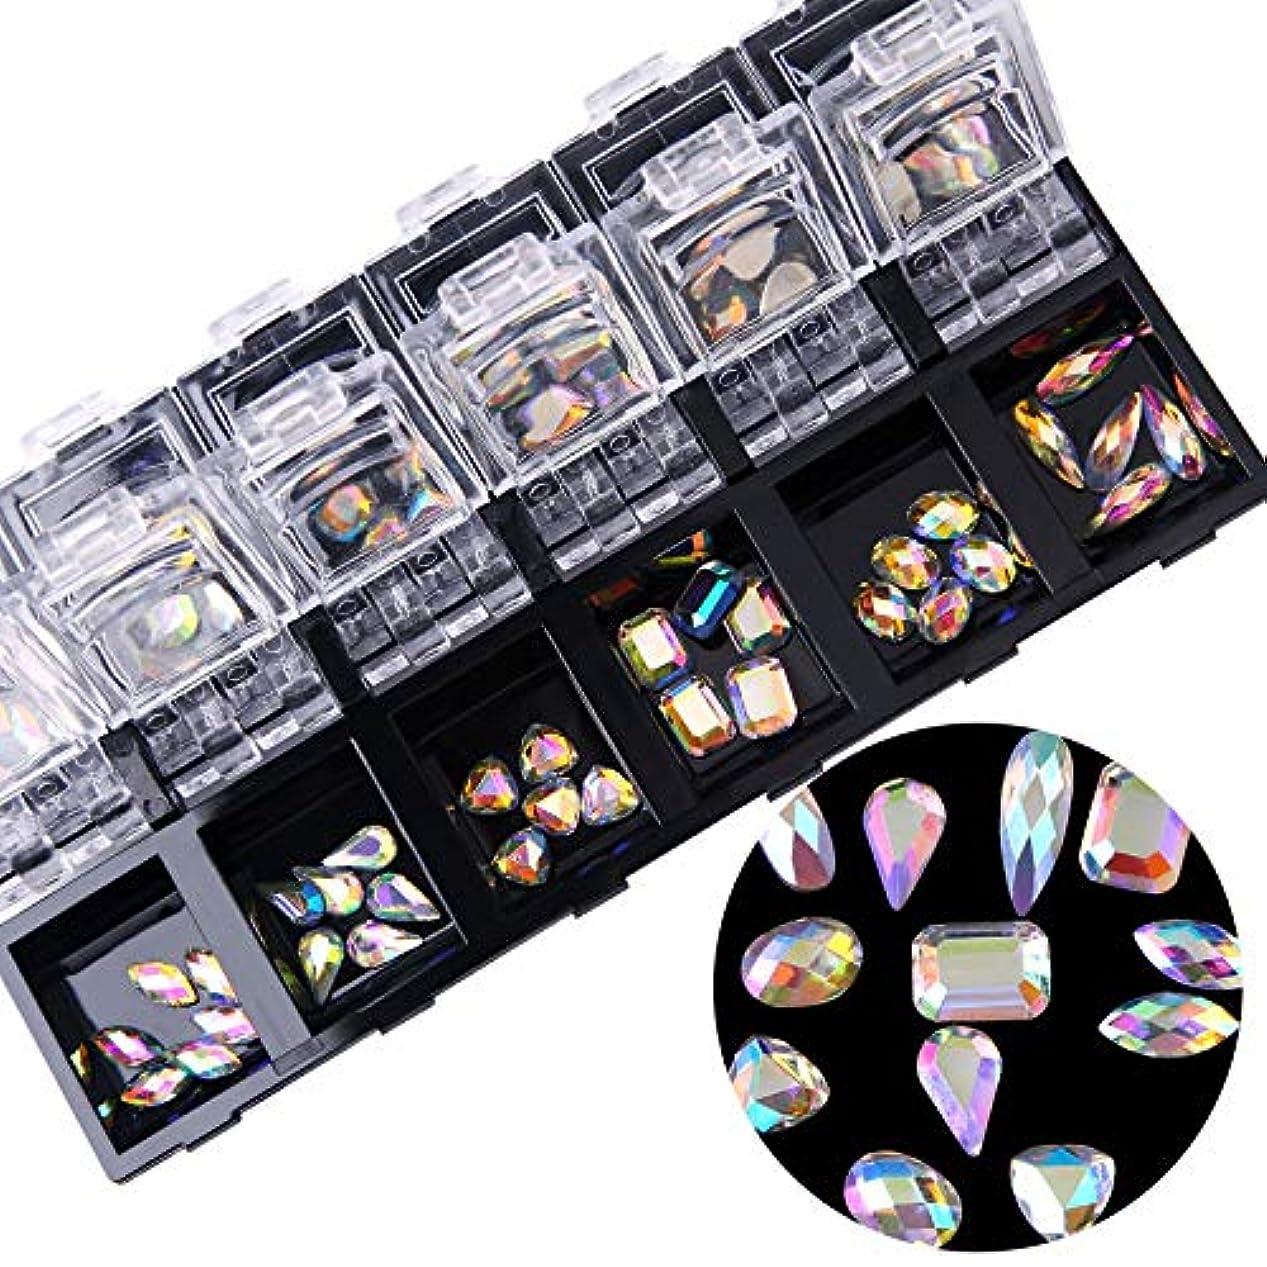 スチュアート島意図的インディカ1ボックスシルバーフラットバックネイルアートホログラフィックラインストーンジュエリーabクリスタルダイヤモンドジェルのヒントデコレーションケース